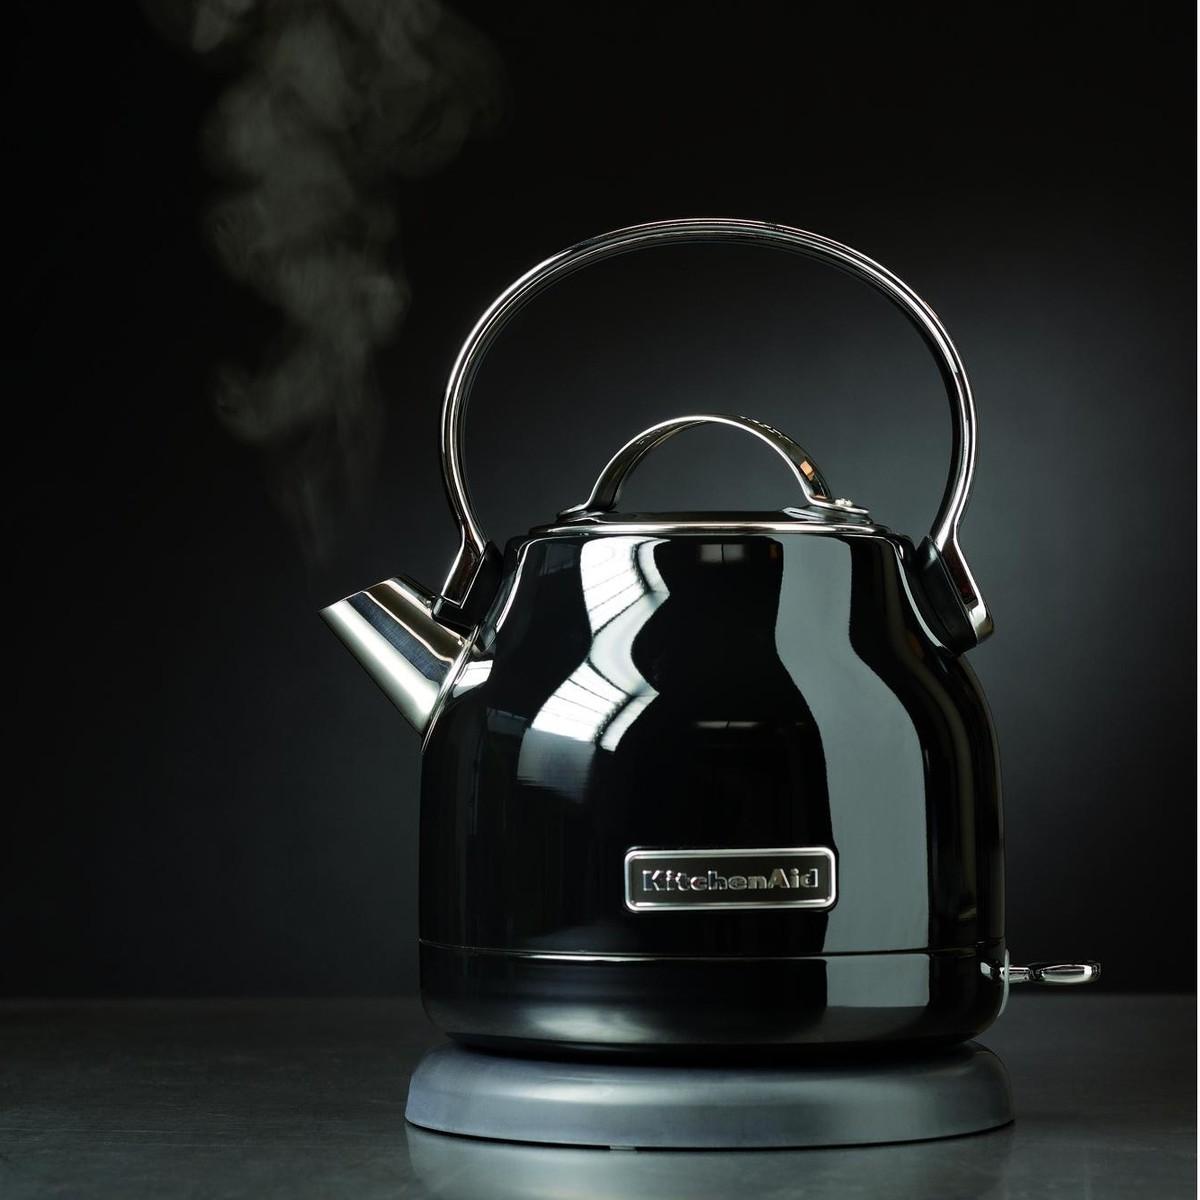 5kek1222 bouilloire lectrique de kitchenaid. Black Bedroom Furniture Sets. Home Design Ideas